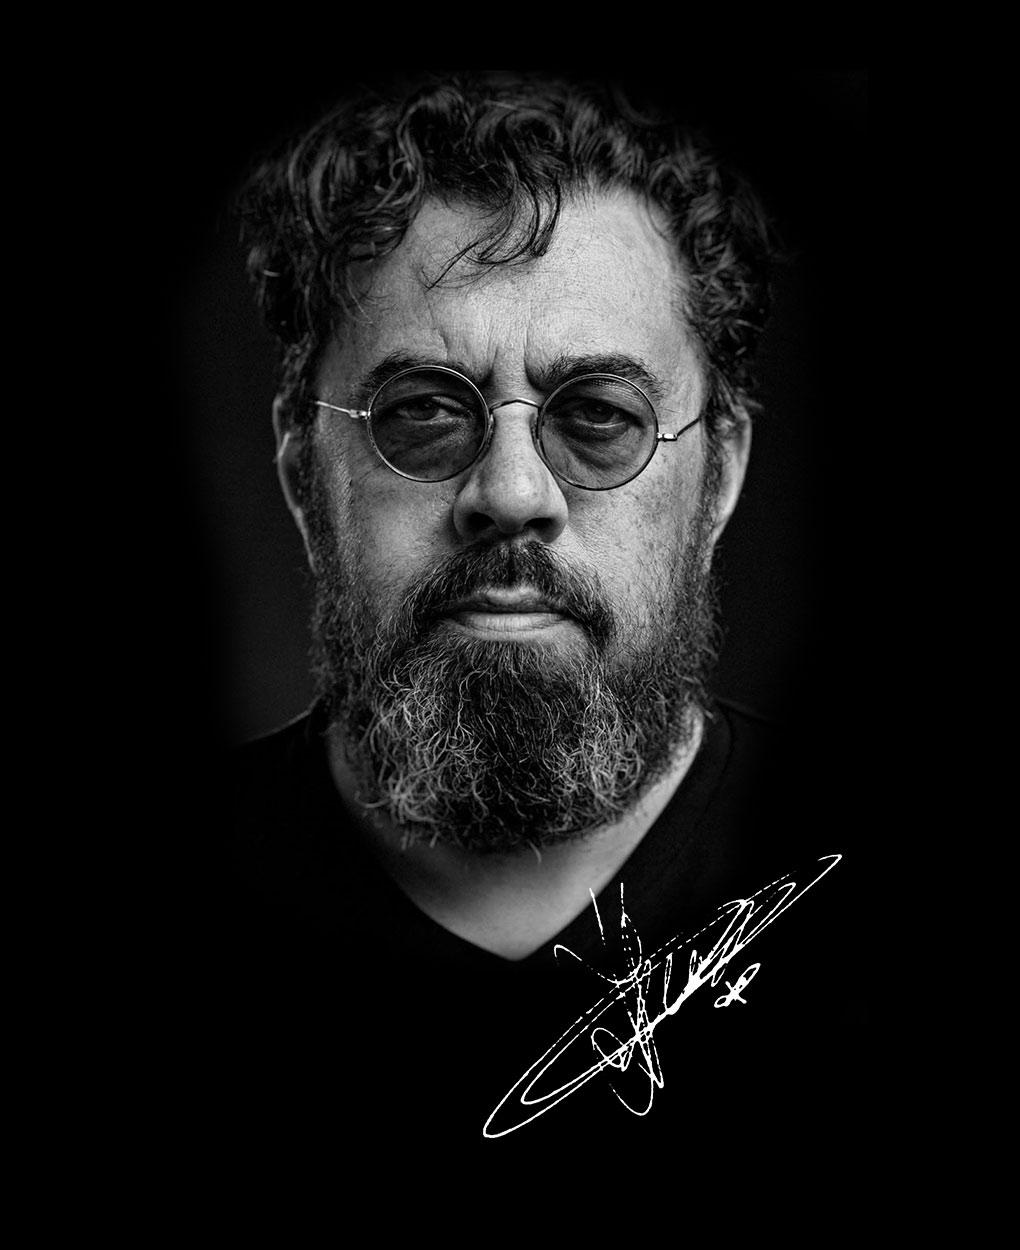 Jogchum-Veenstra---Portret-en-handtekening-zwartwit-2020